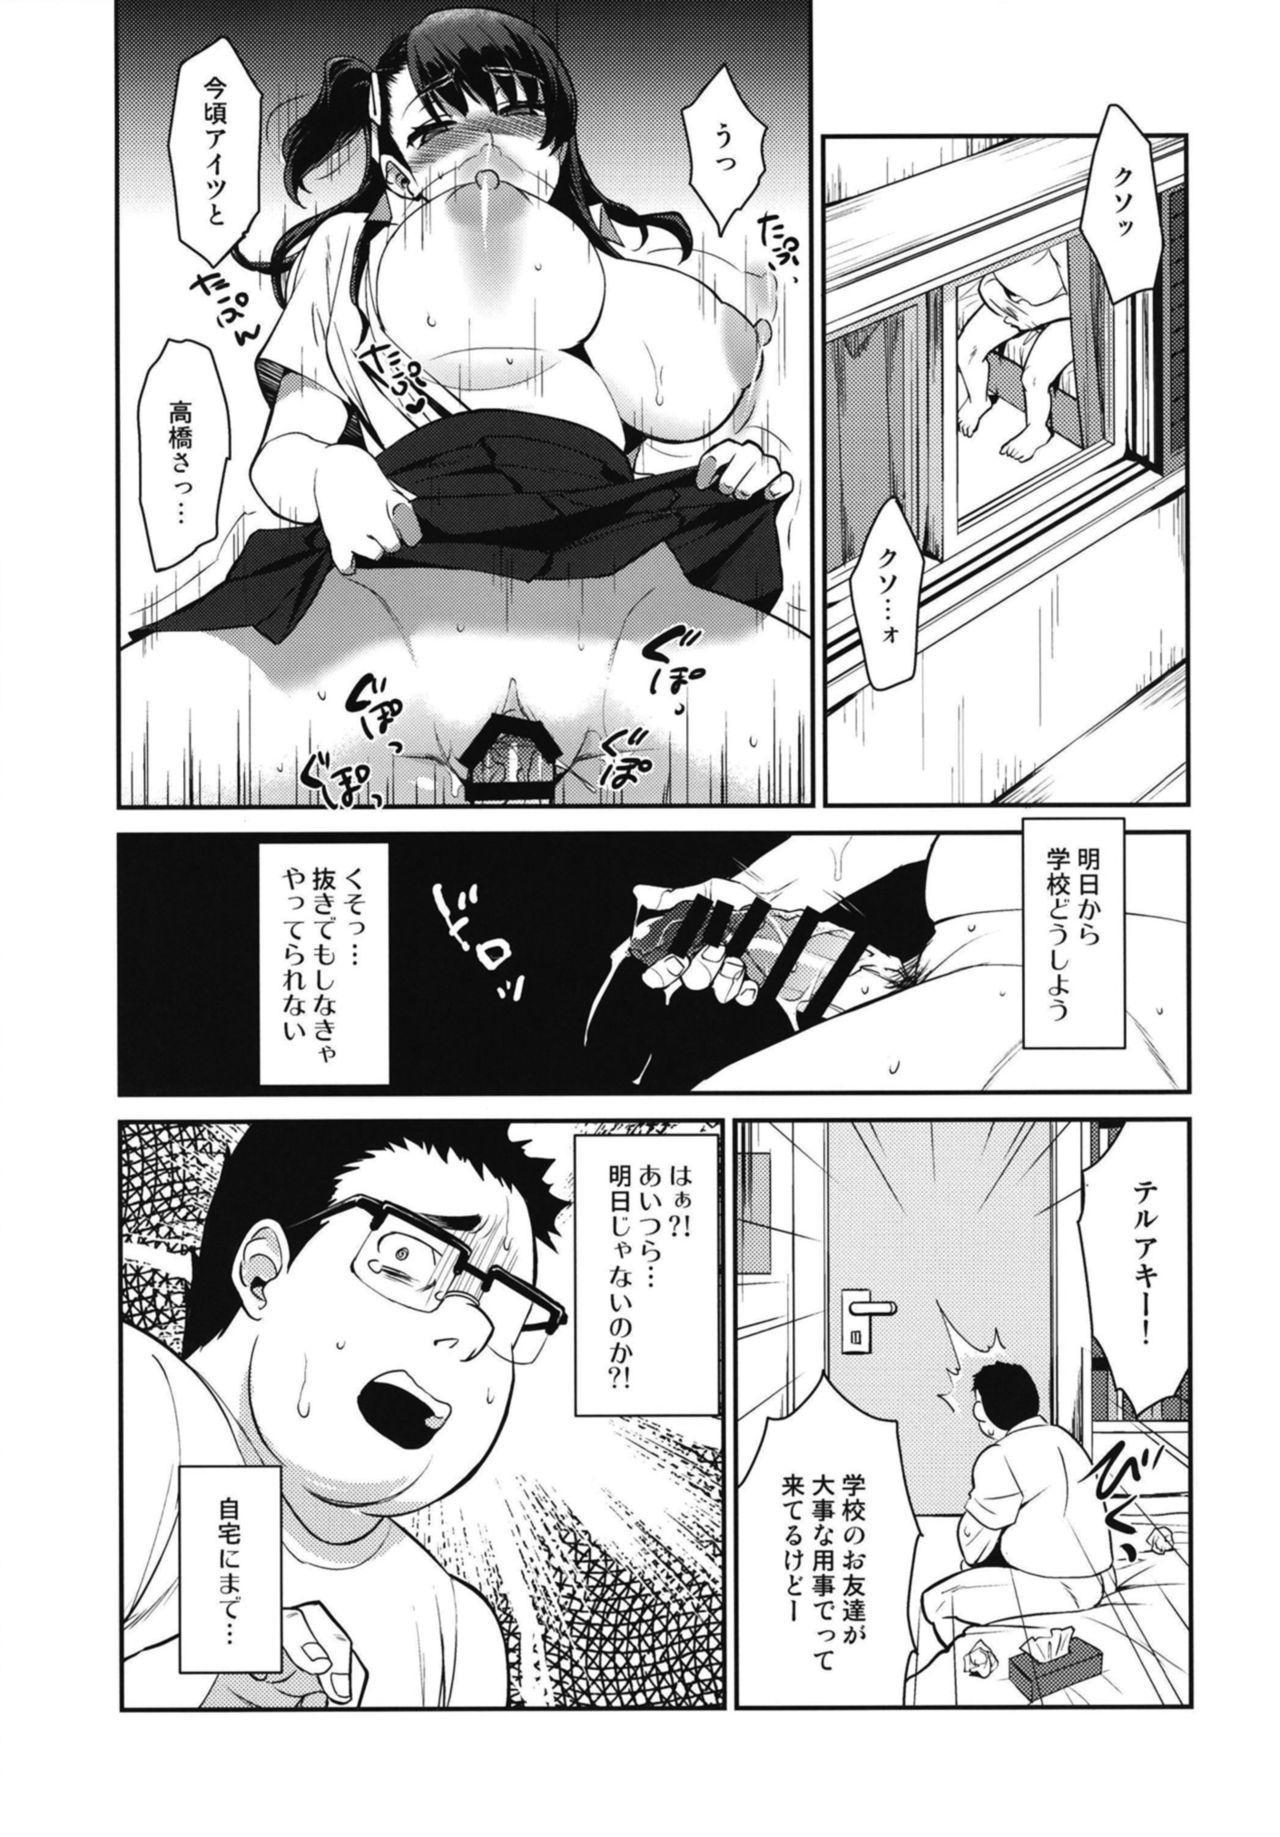 Boku no Koto o Baka ni Shite Ijimeru Kanojo wa Kareshi ga Iru noni Nazeka Boku kara Hanarenai 14